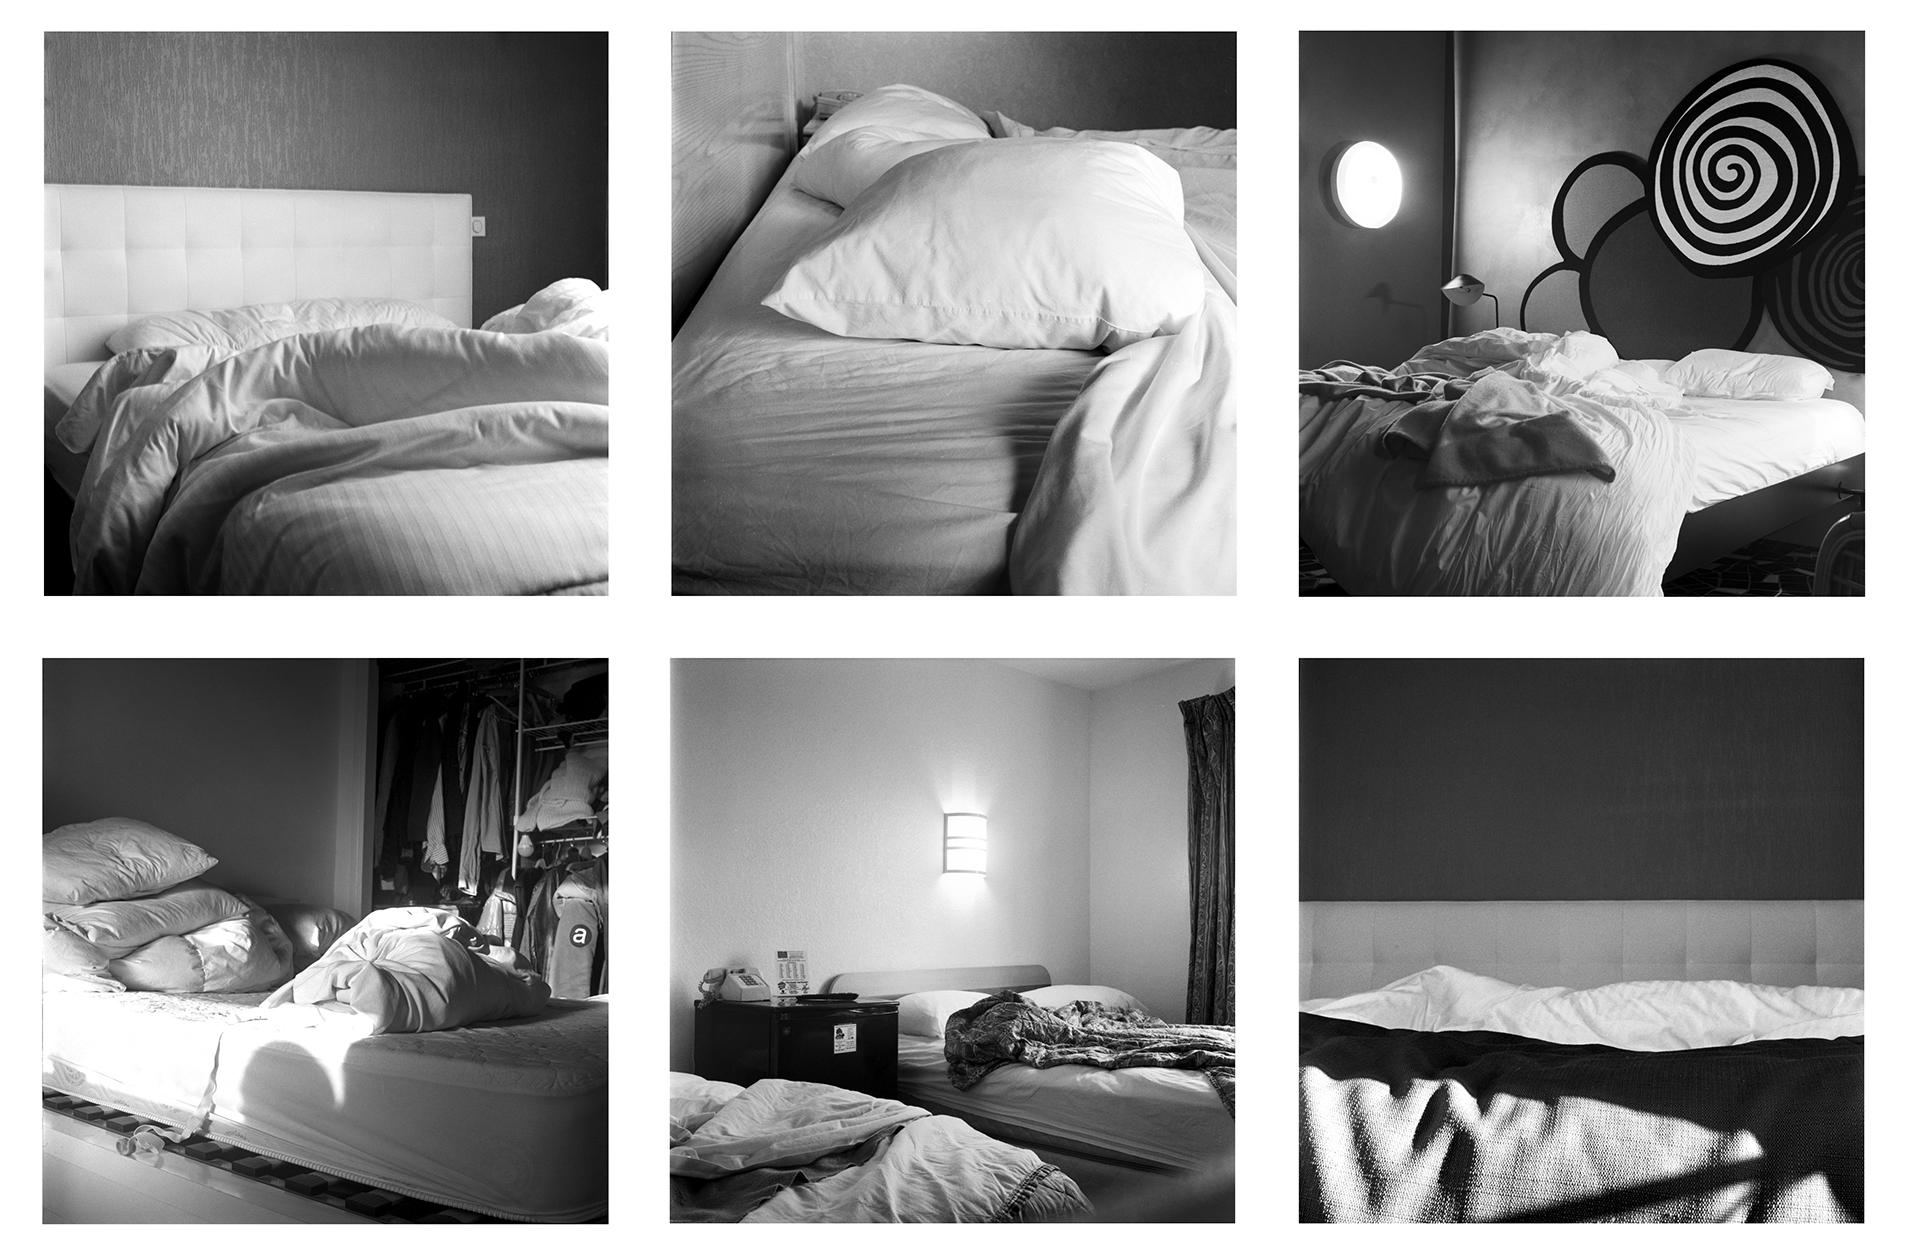 29_Beds 15 copy.jpg